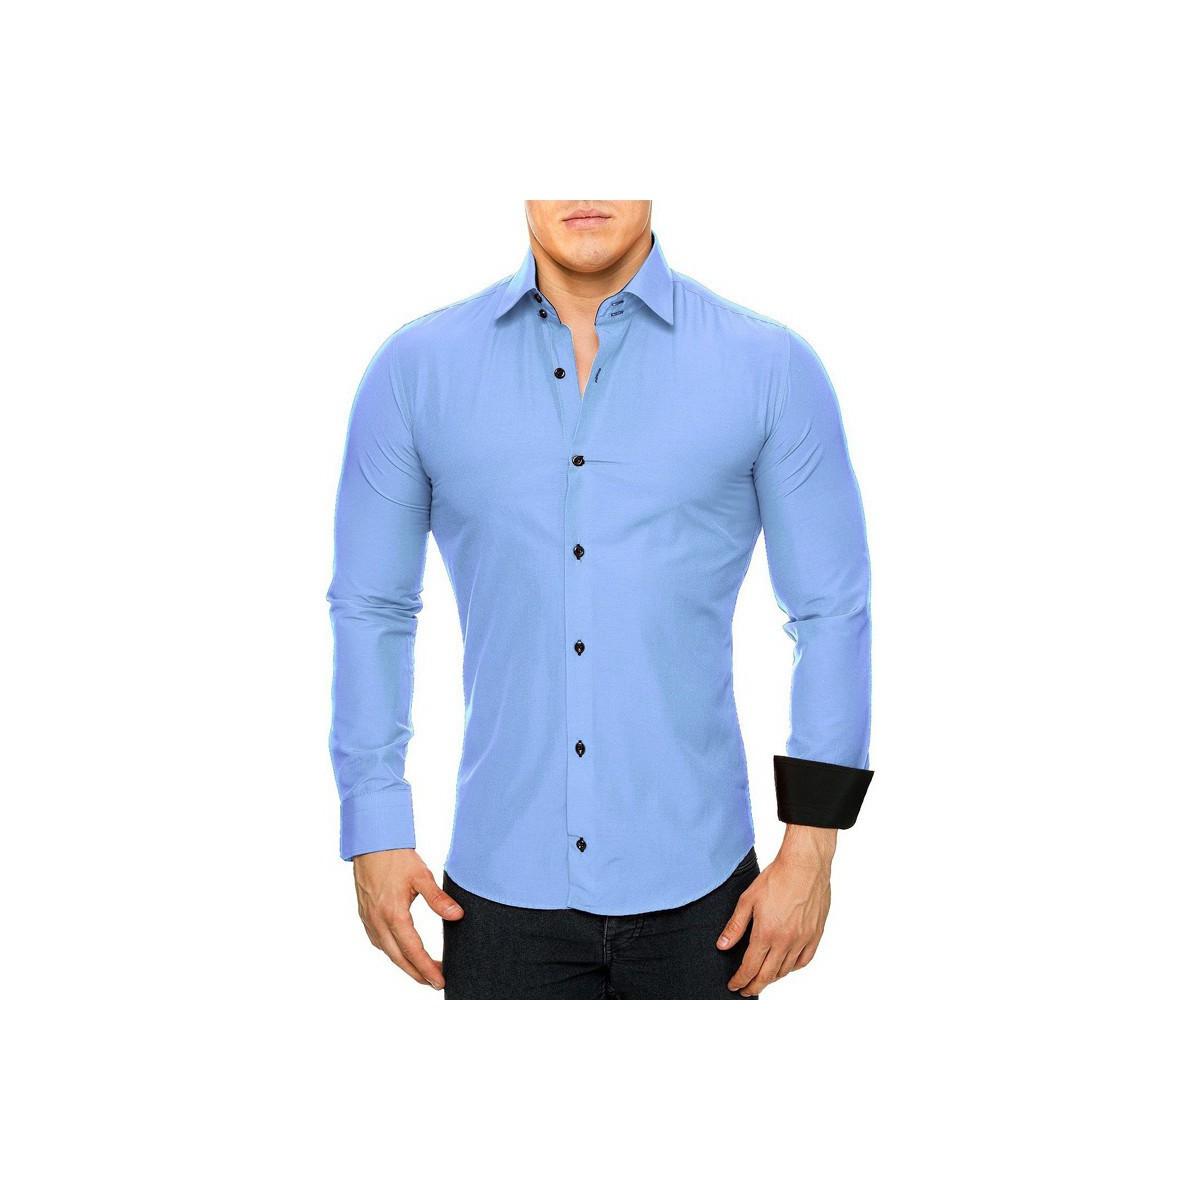 monsieurmode chemise homme l gante chemise 44 bleu clair bleu v tements chemises manches. Black Bedroom Furniture Sets. Home Design Ideas